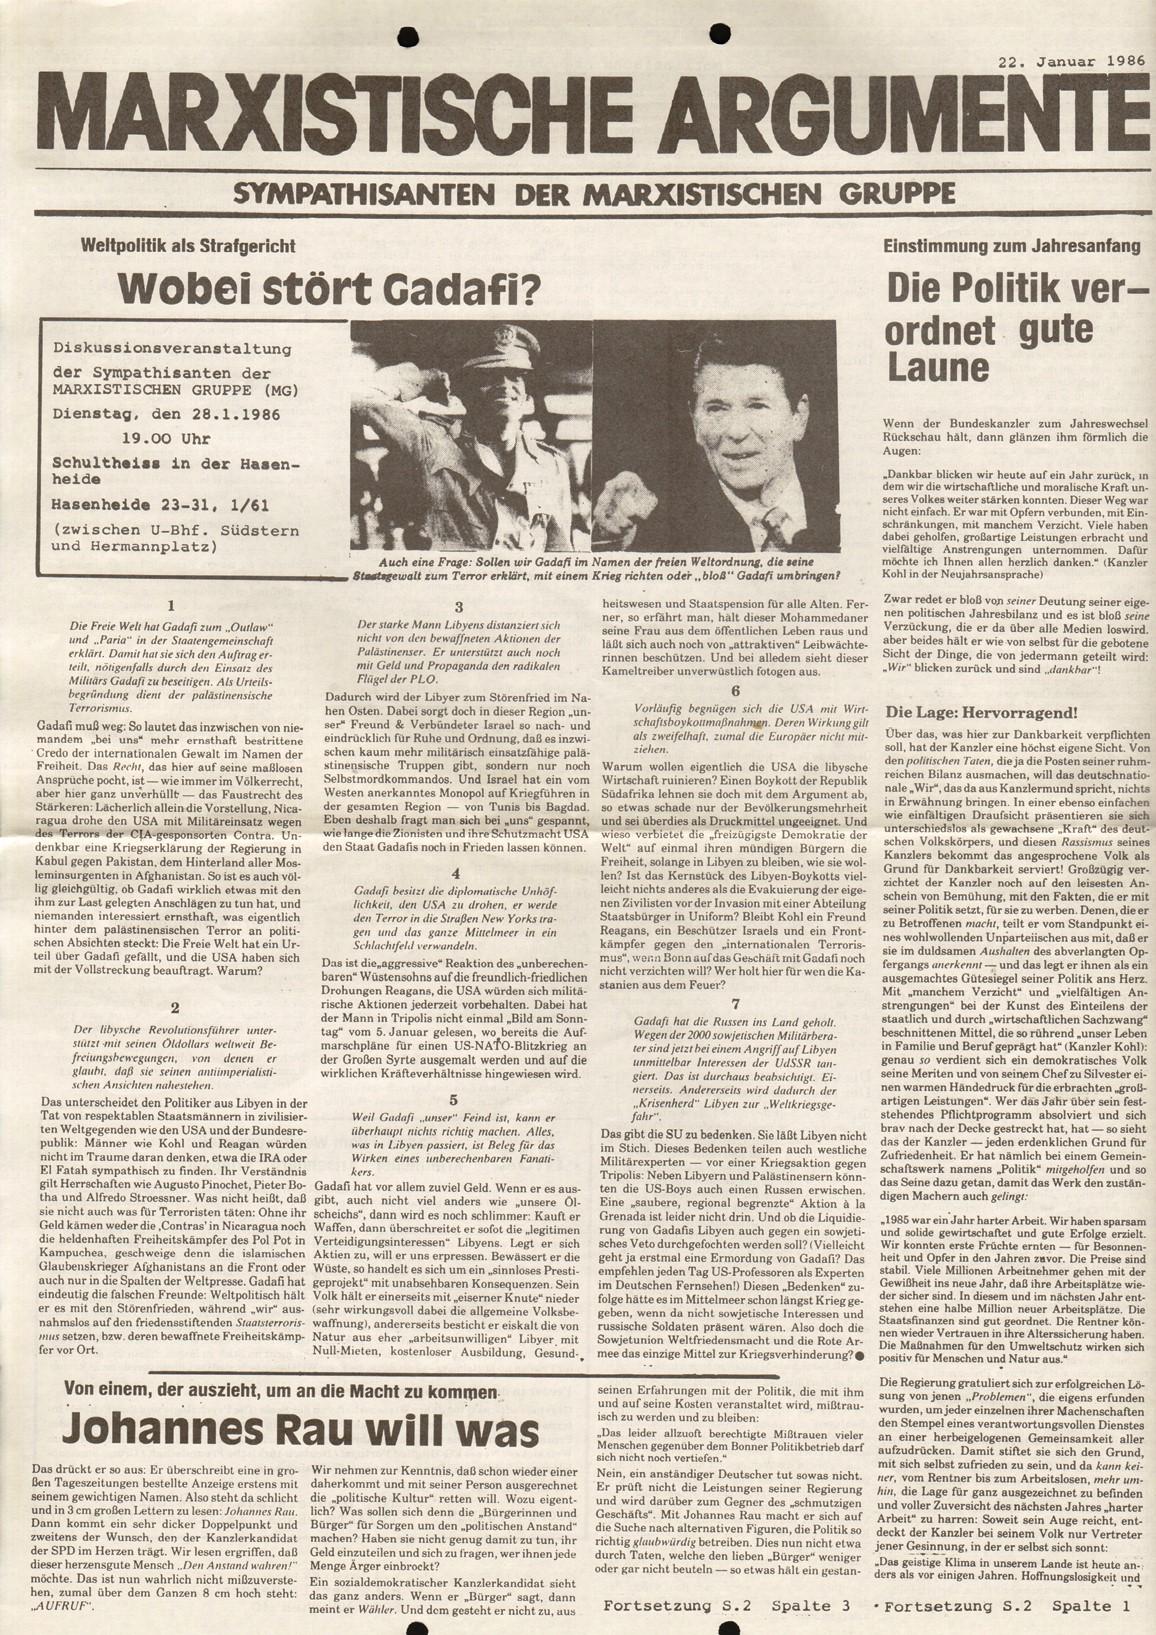 Berlin_MG_Symp_Argumente_19860122_01